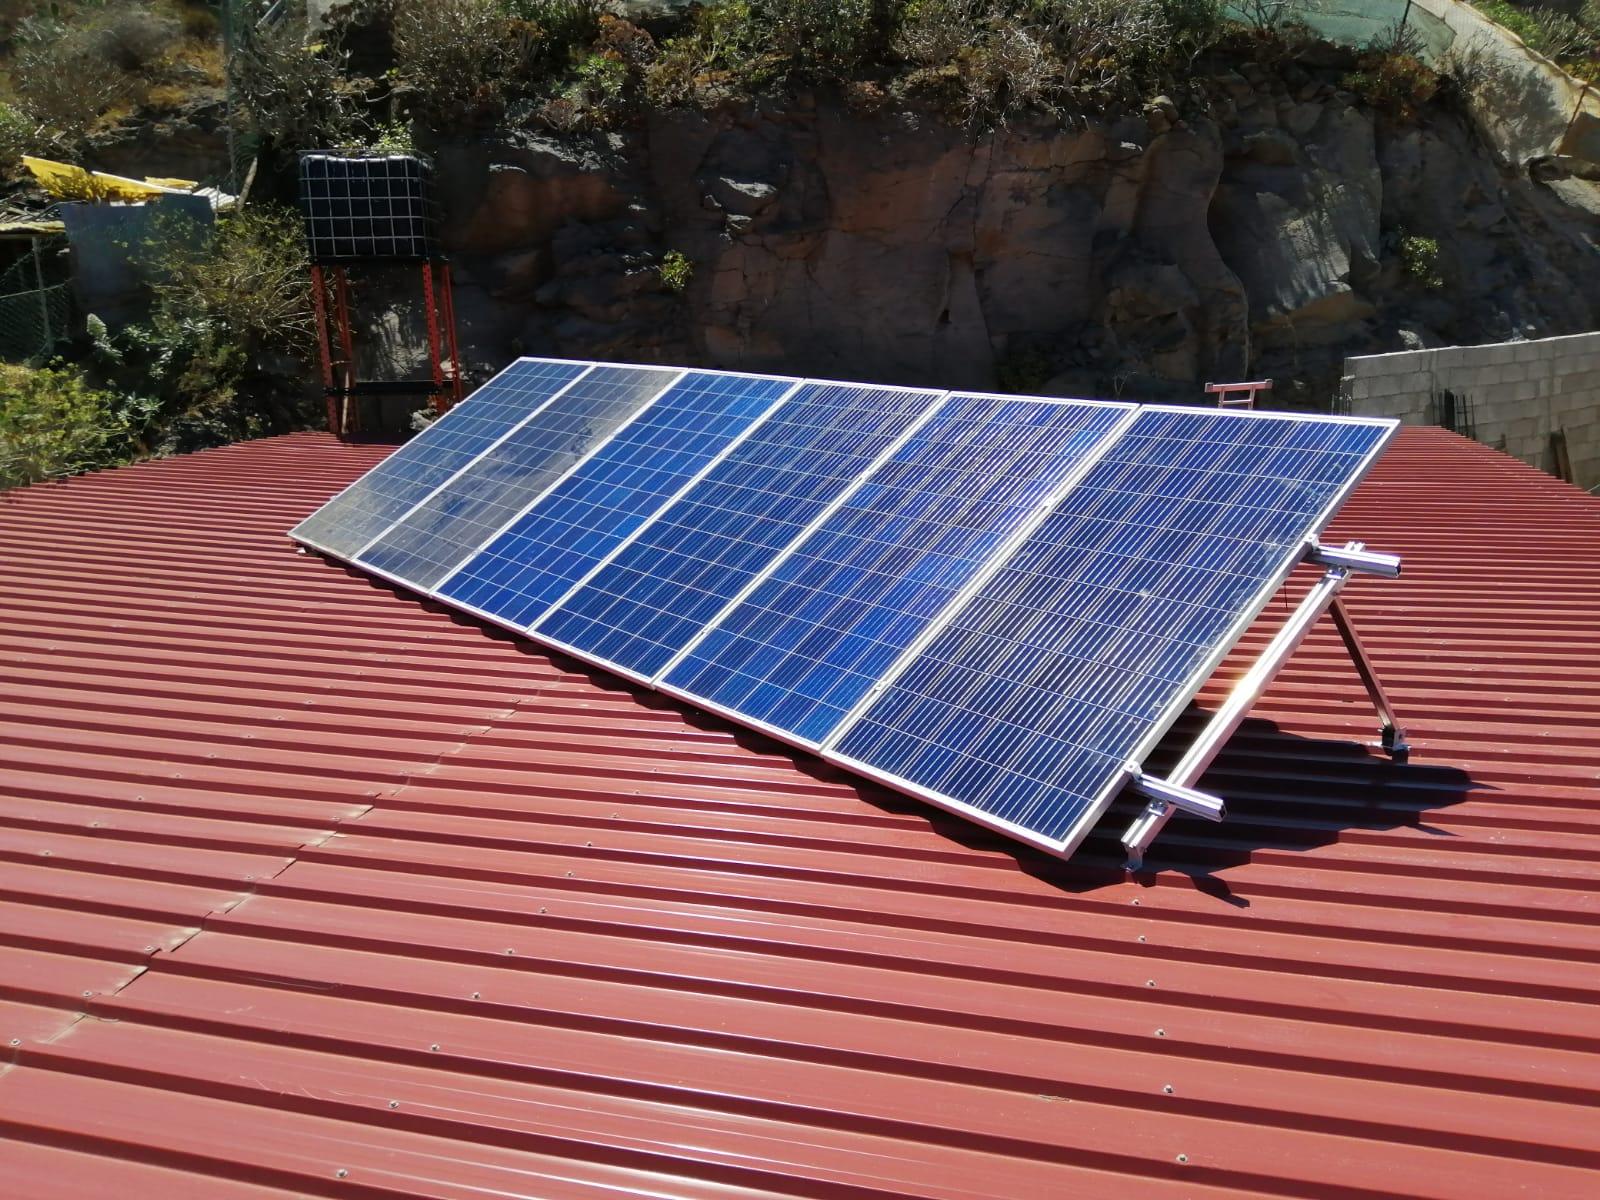 Instalación fotovoltaica 2kw - Telde